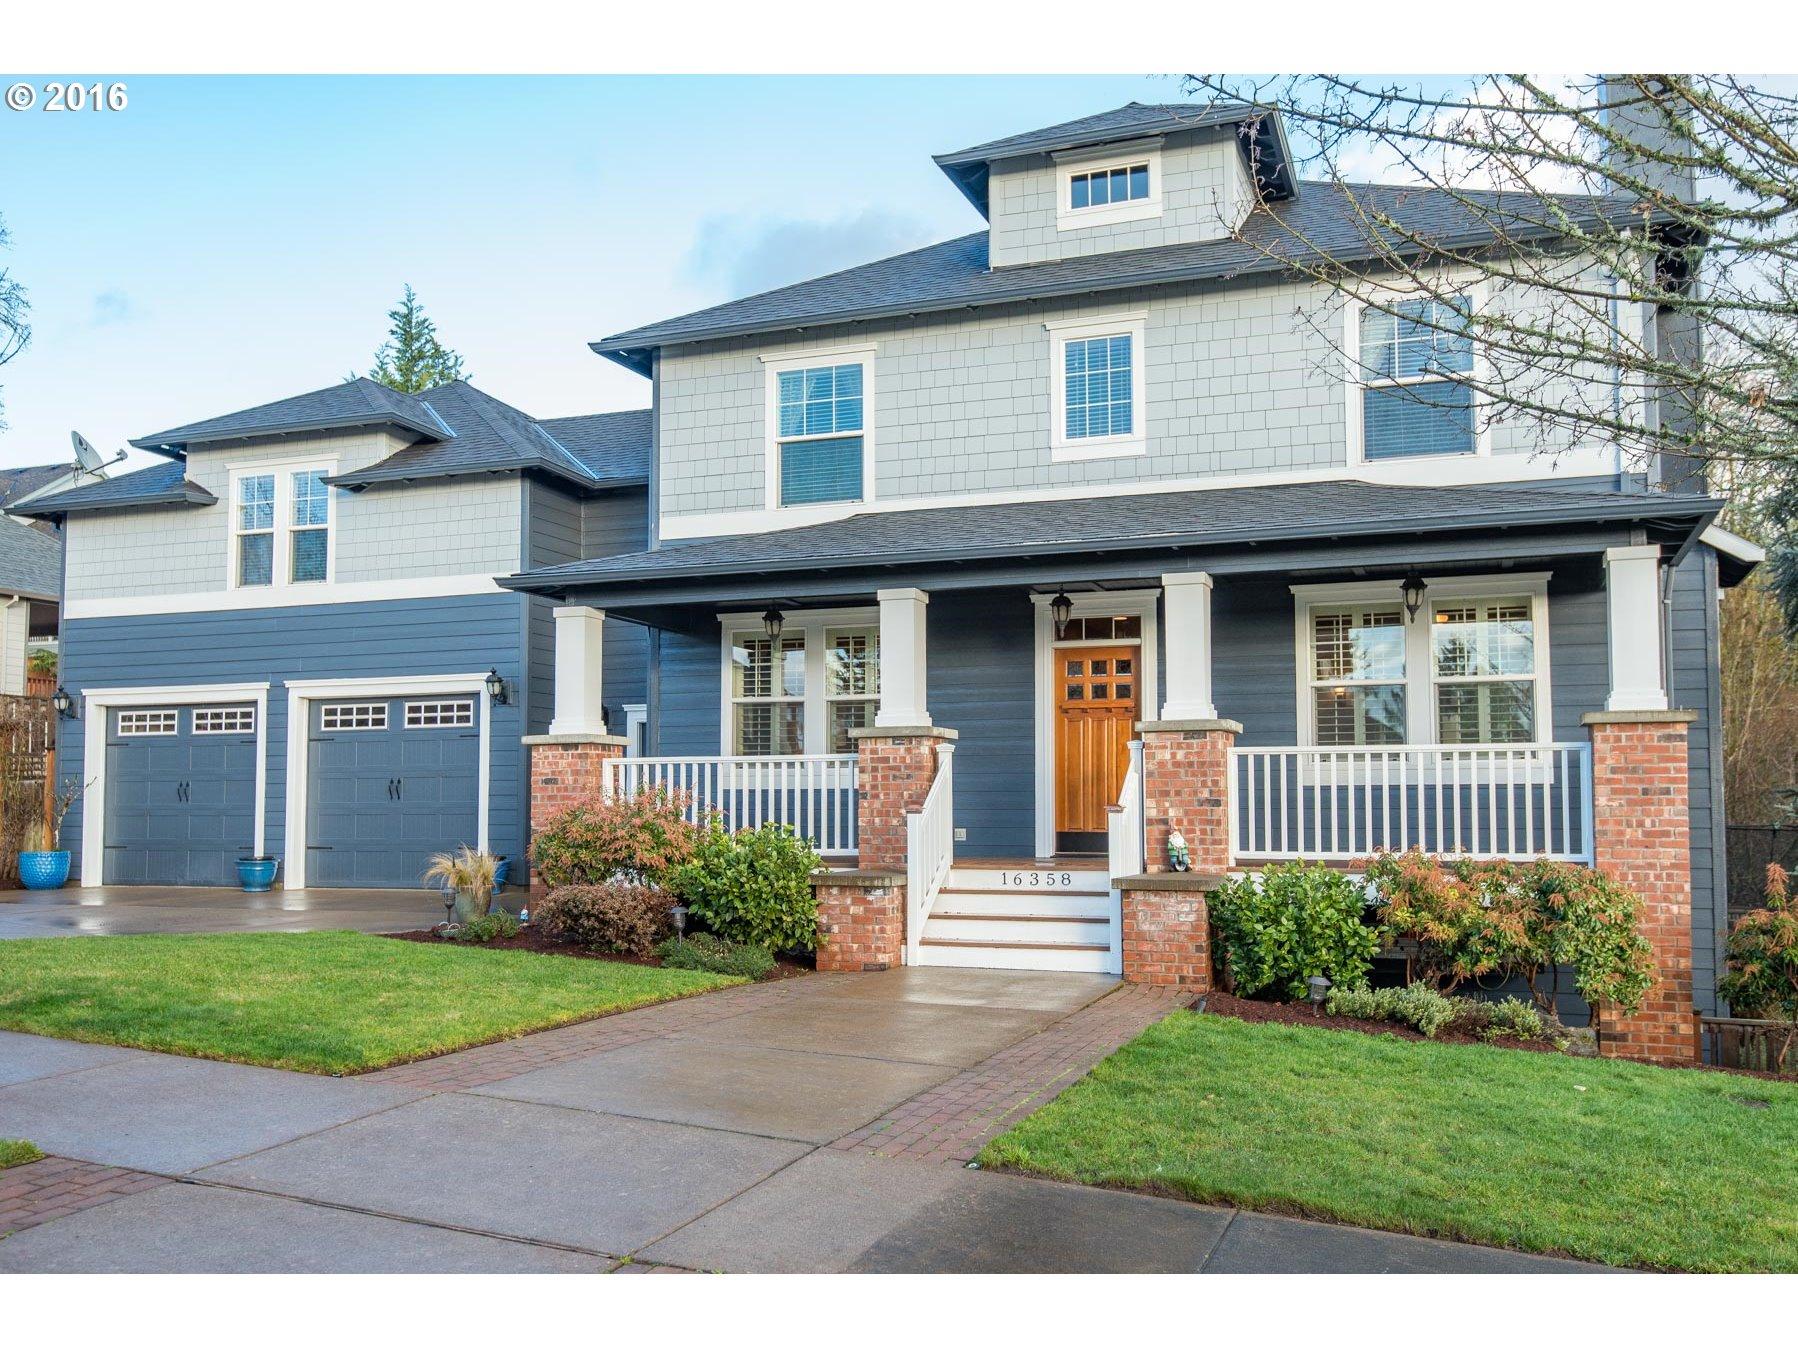 16358 Oak Valley Dr, Oregon City, OR